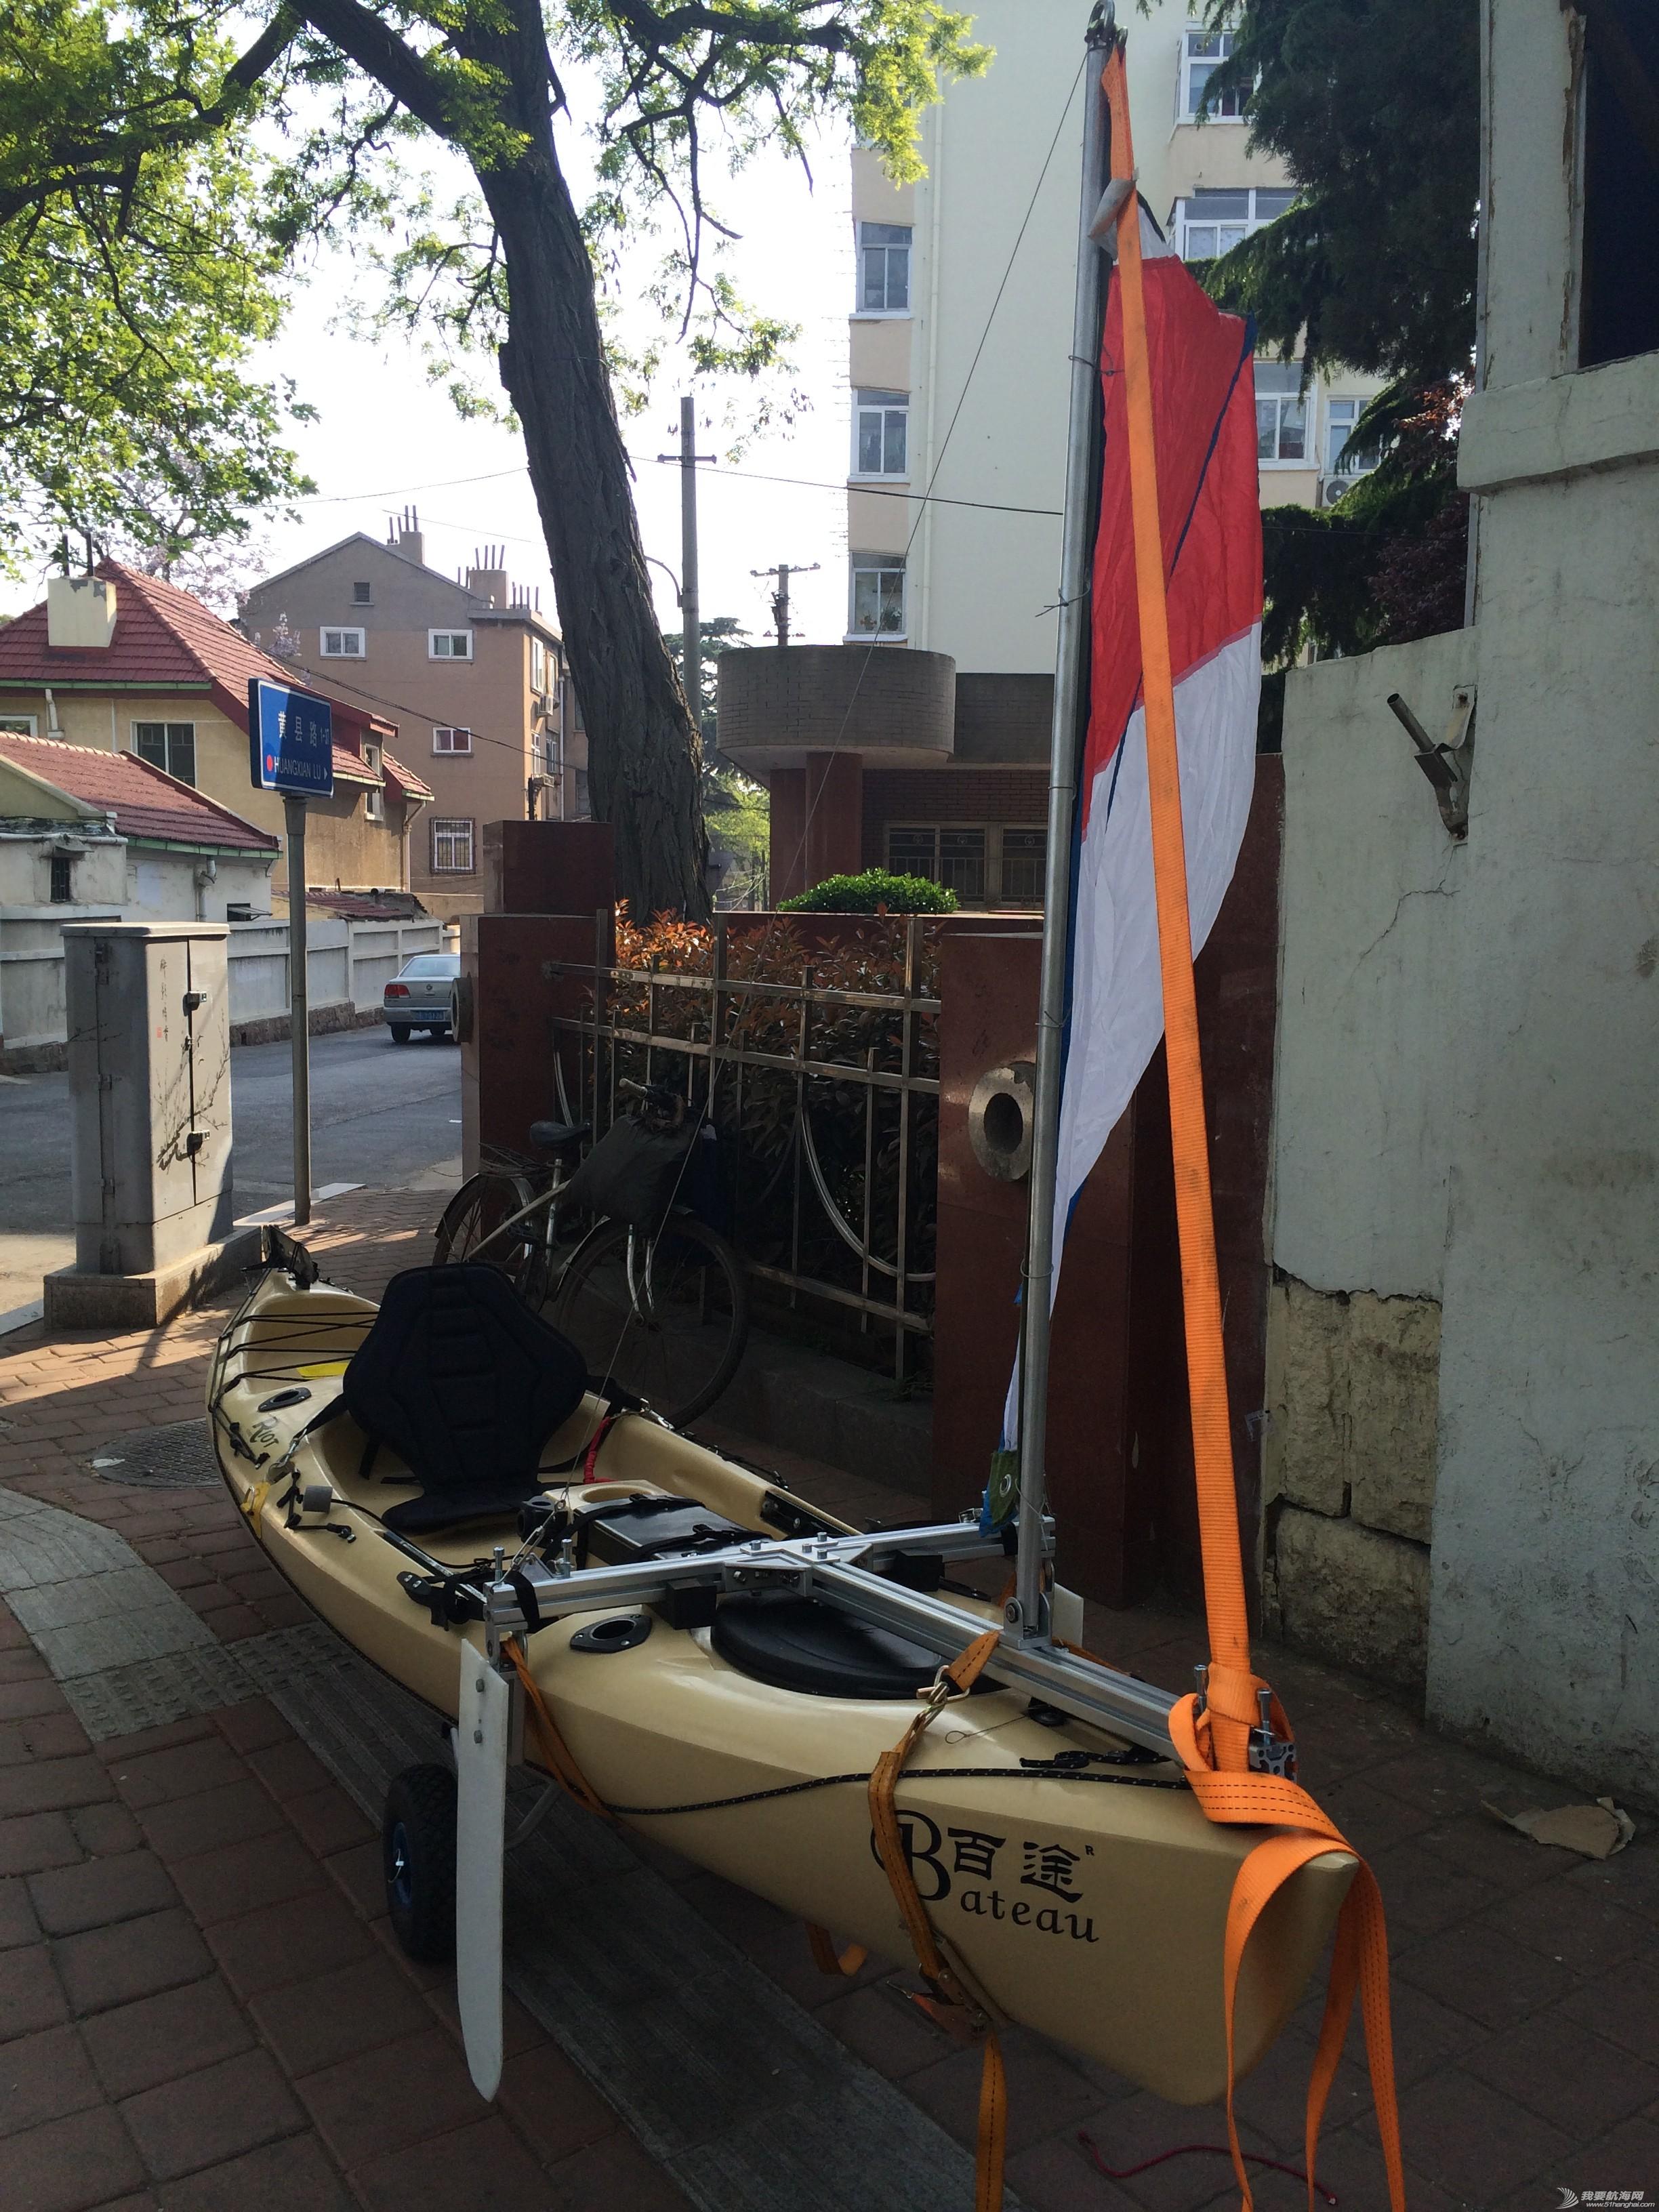 皮划艇 关于皮划艇加装风帆系统。。。。。